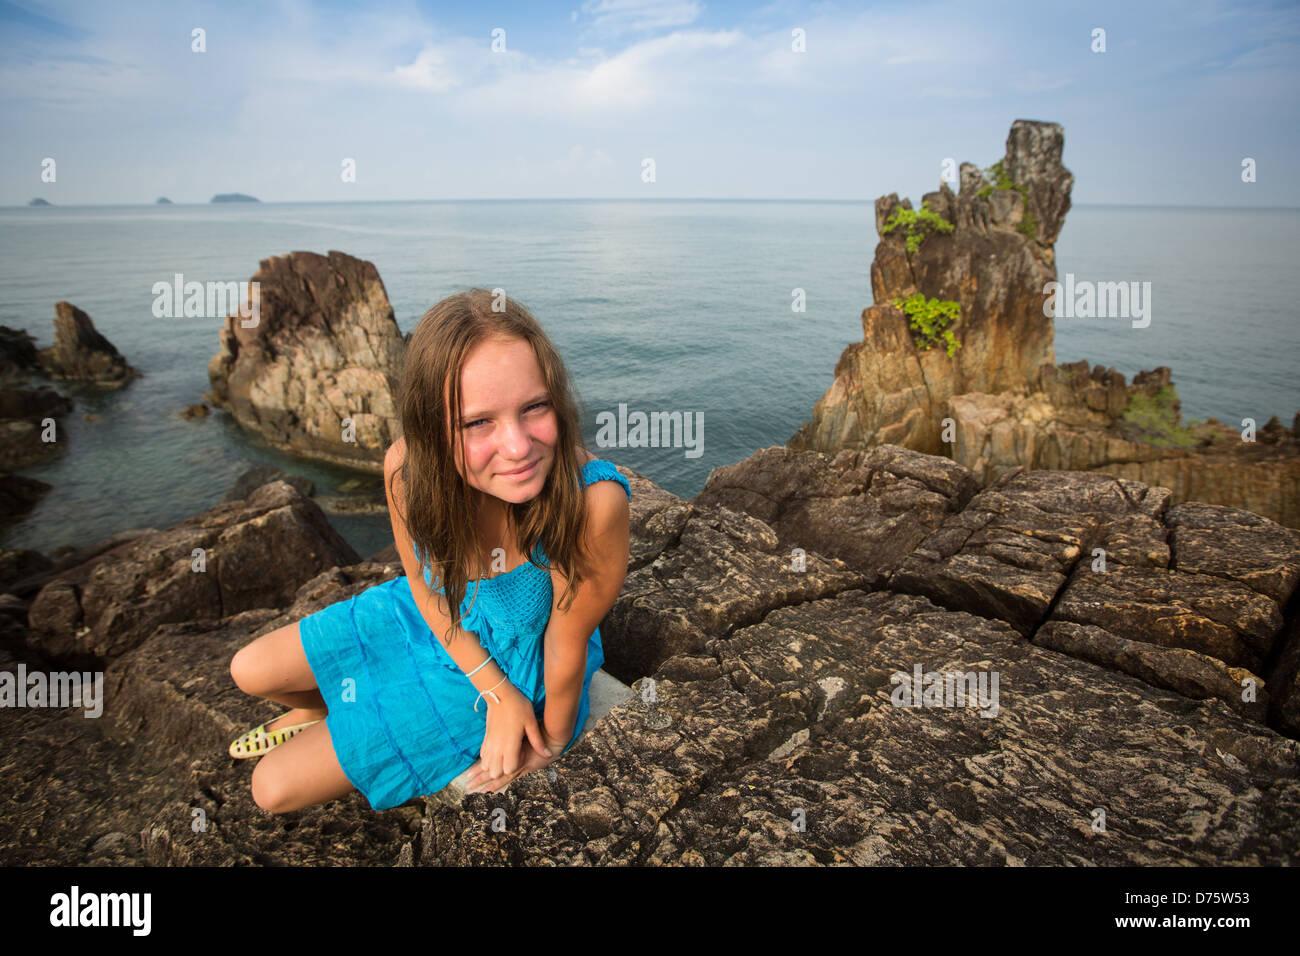 Teengirl in un vestito blu nelle rocce della costa in Thailandia. Immagini Stock